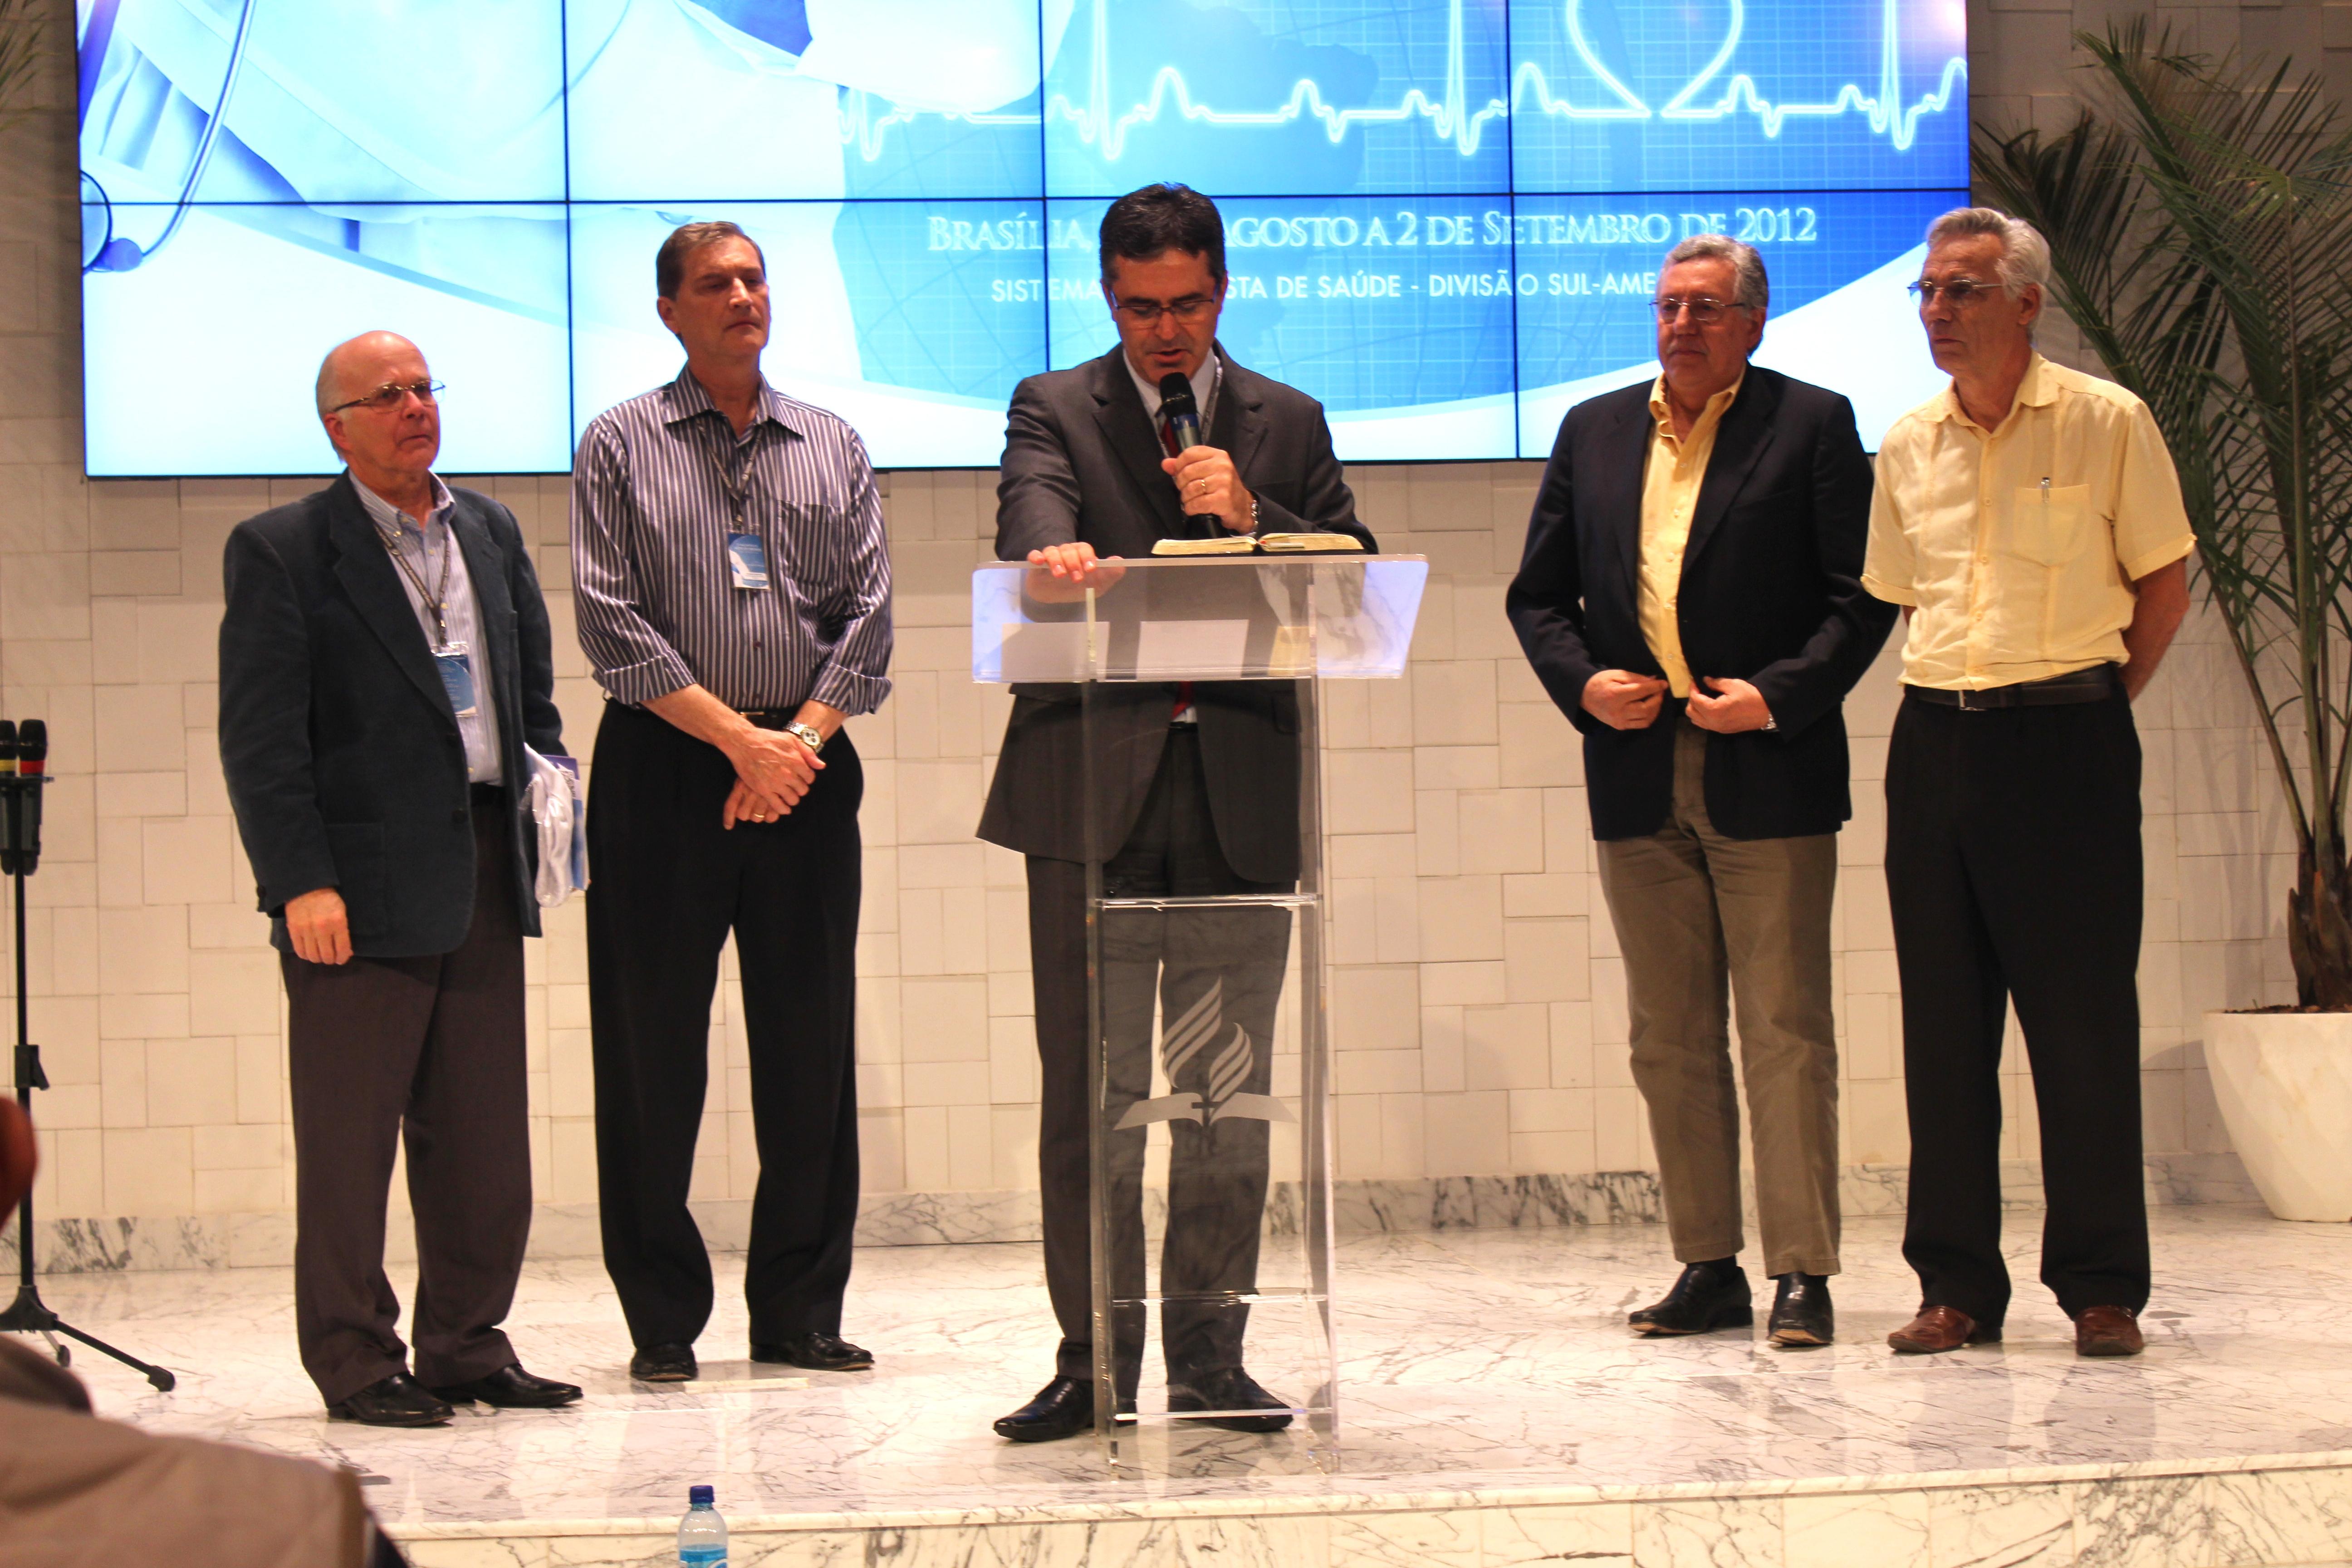 Homenagem a quatro médicos que dedicaram longos anos de trabalho à saúde adventista